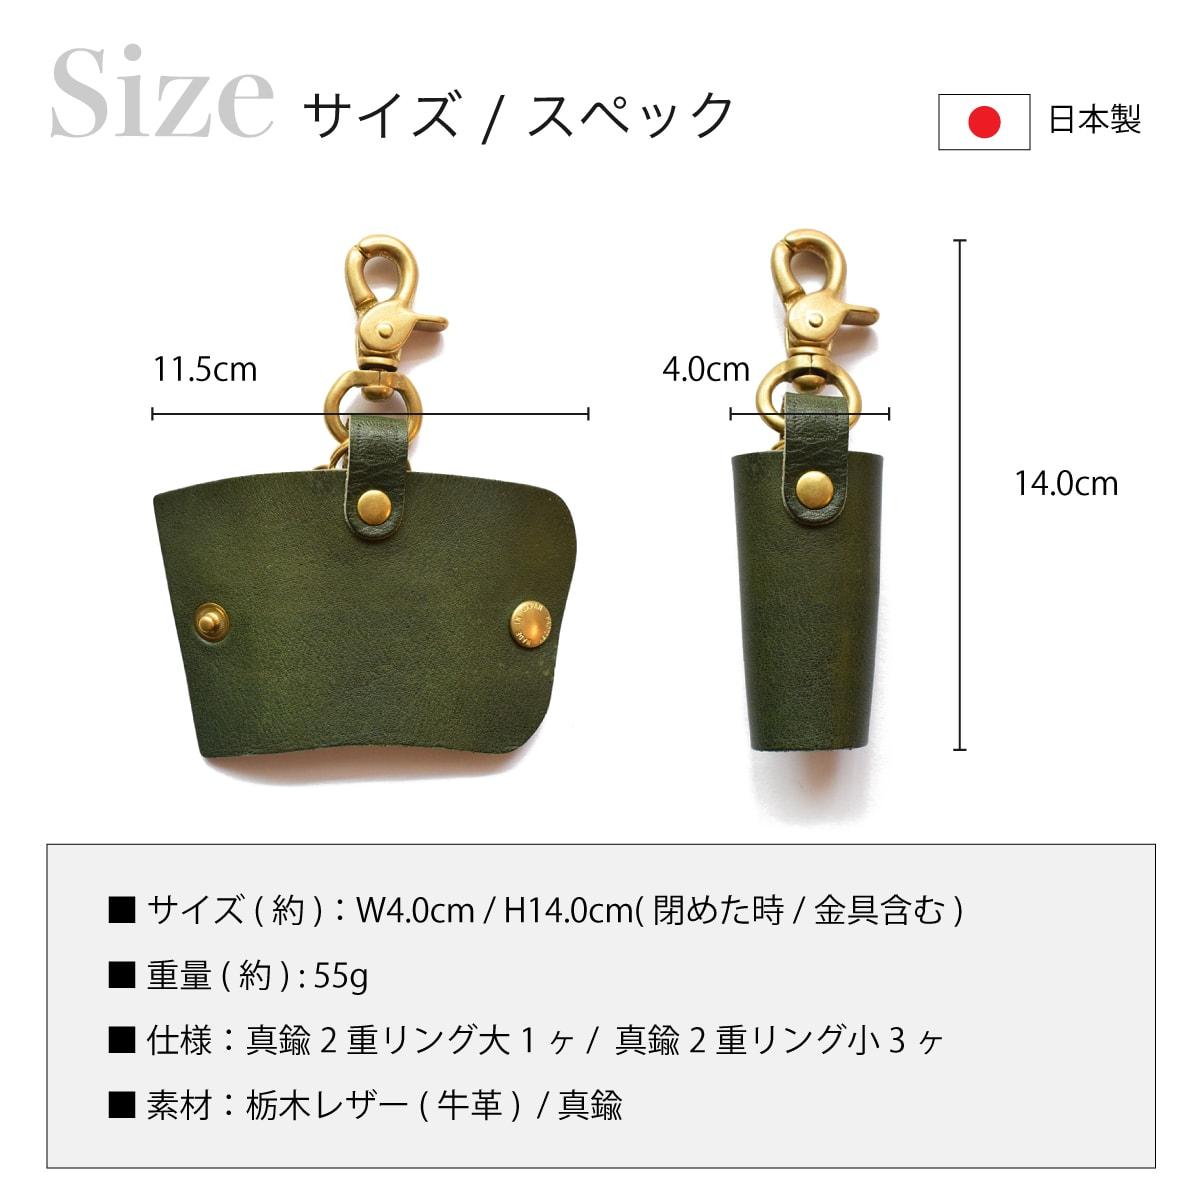 栃木レザー キーケース レバーナスカン真鍮 Choco【名入れ可】